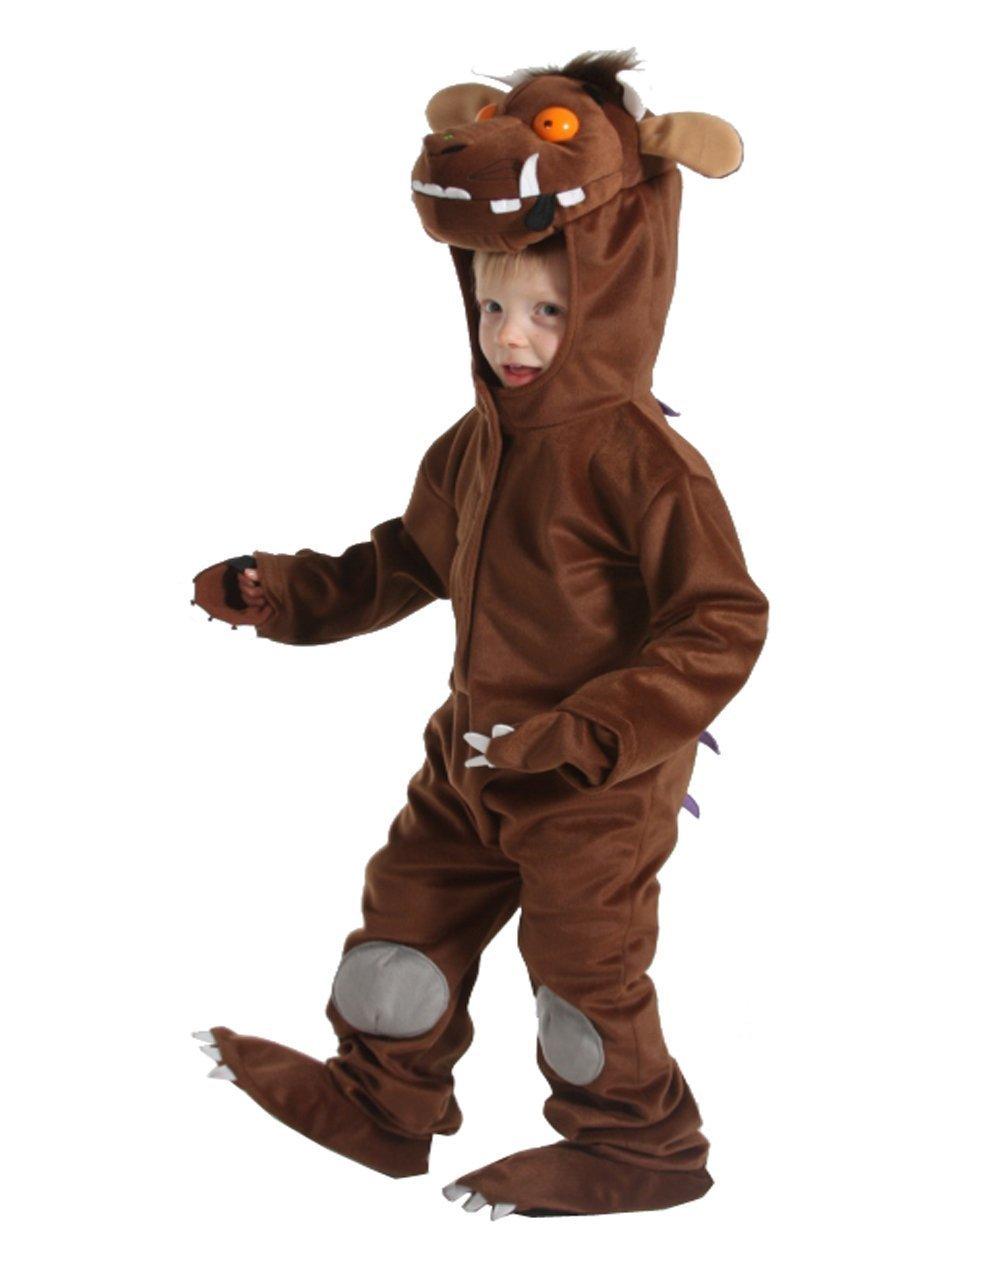 Gruffalo Costume, Kids Gruffalo Dress-Up Outfit by Gruffalo